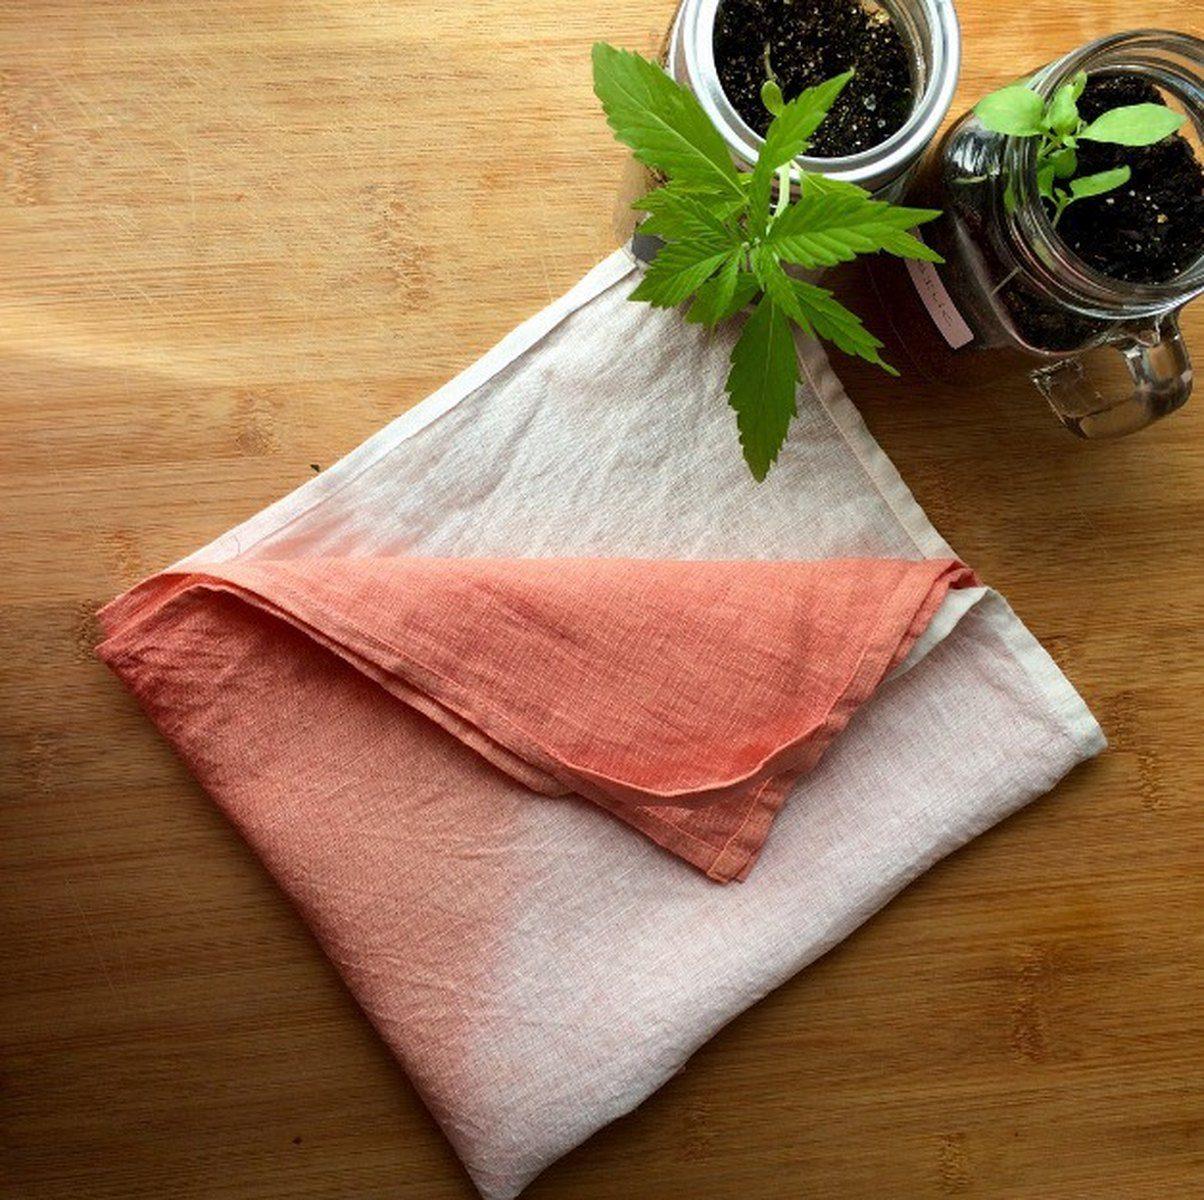 Teinture vegetale - Fibre Bio - foulard teint